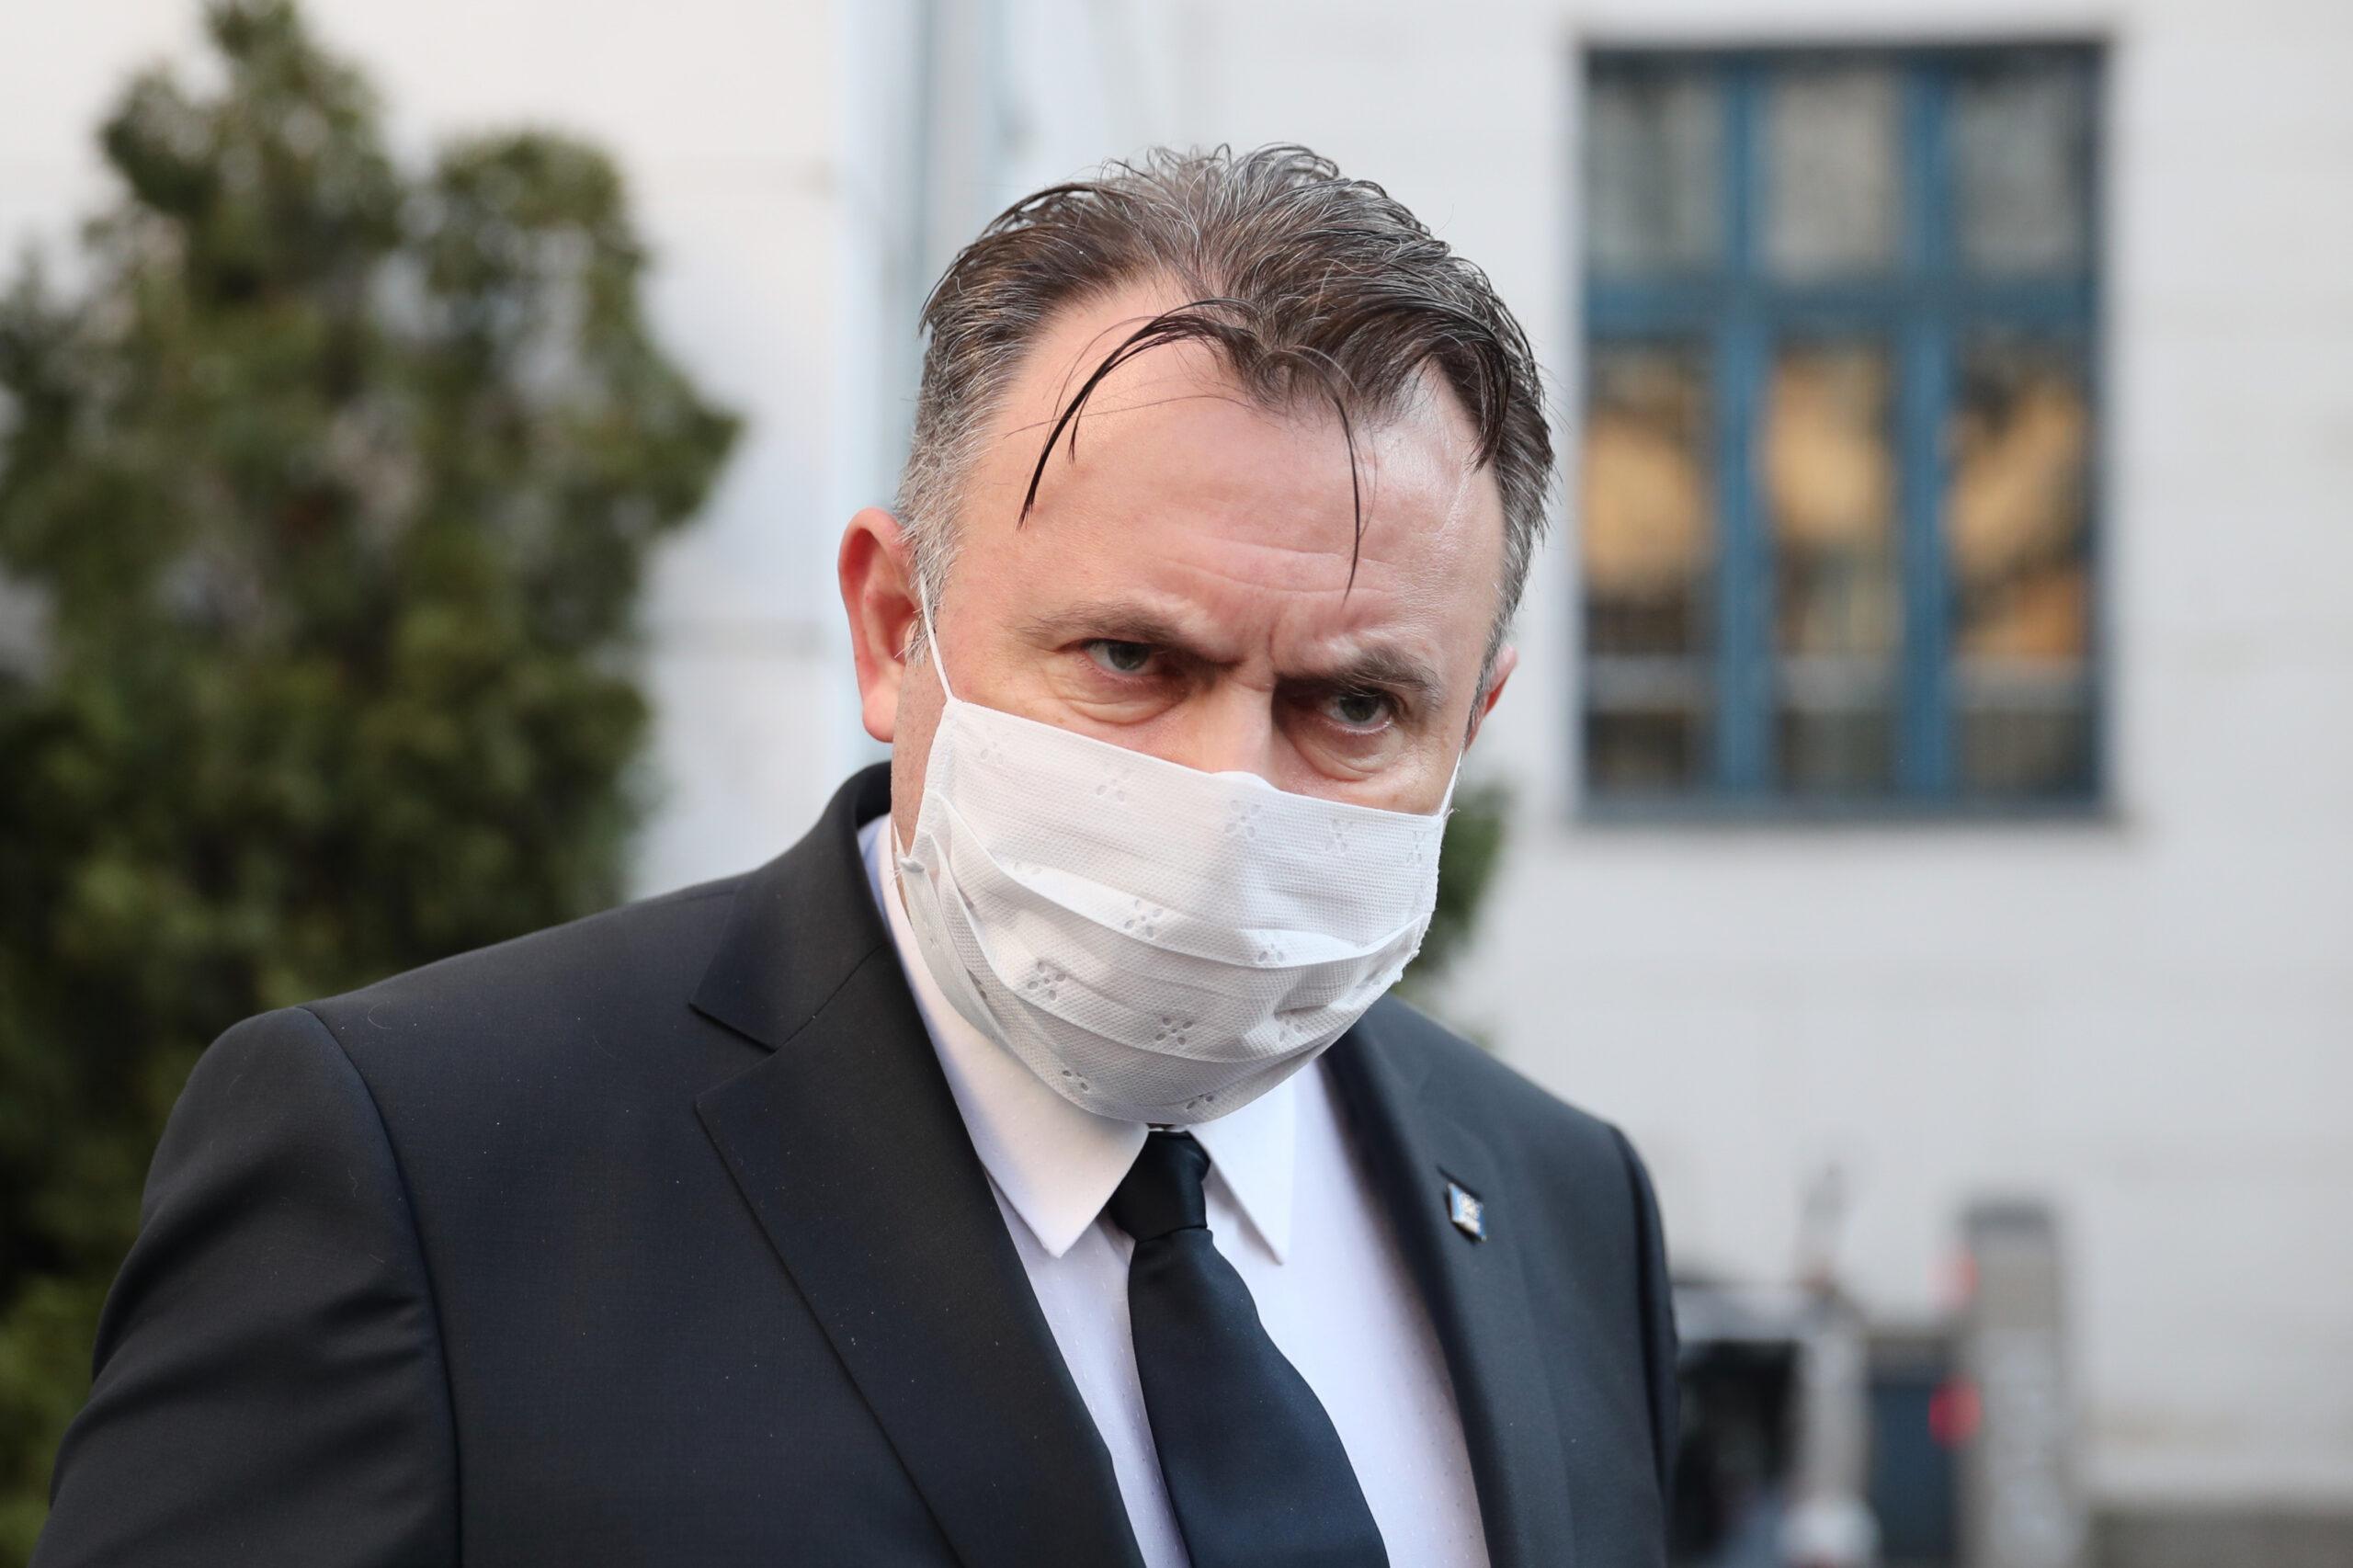 """Nelu Tătaru, fostul ministru al Sănătăţii, trage un semnal de alarmă: """"Există un pericol..."""""""